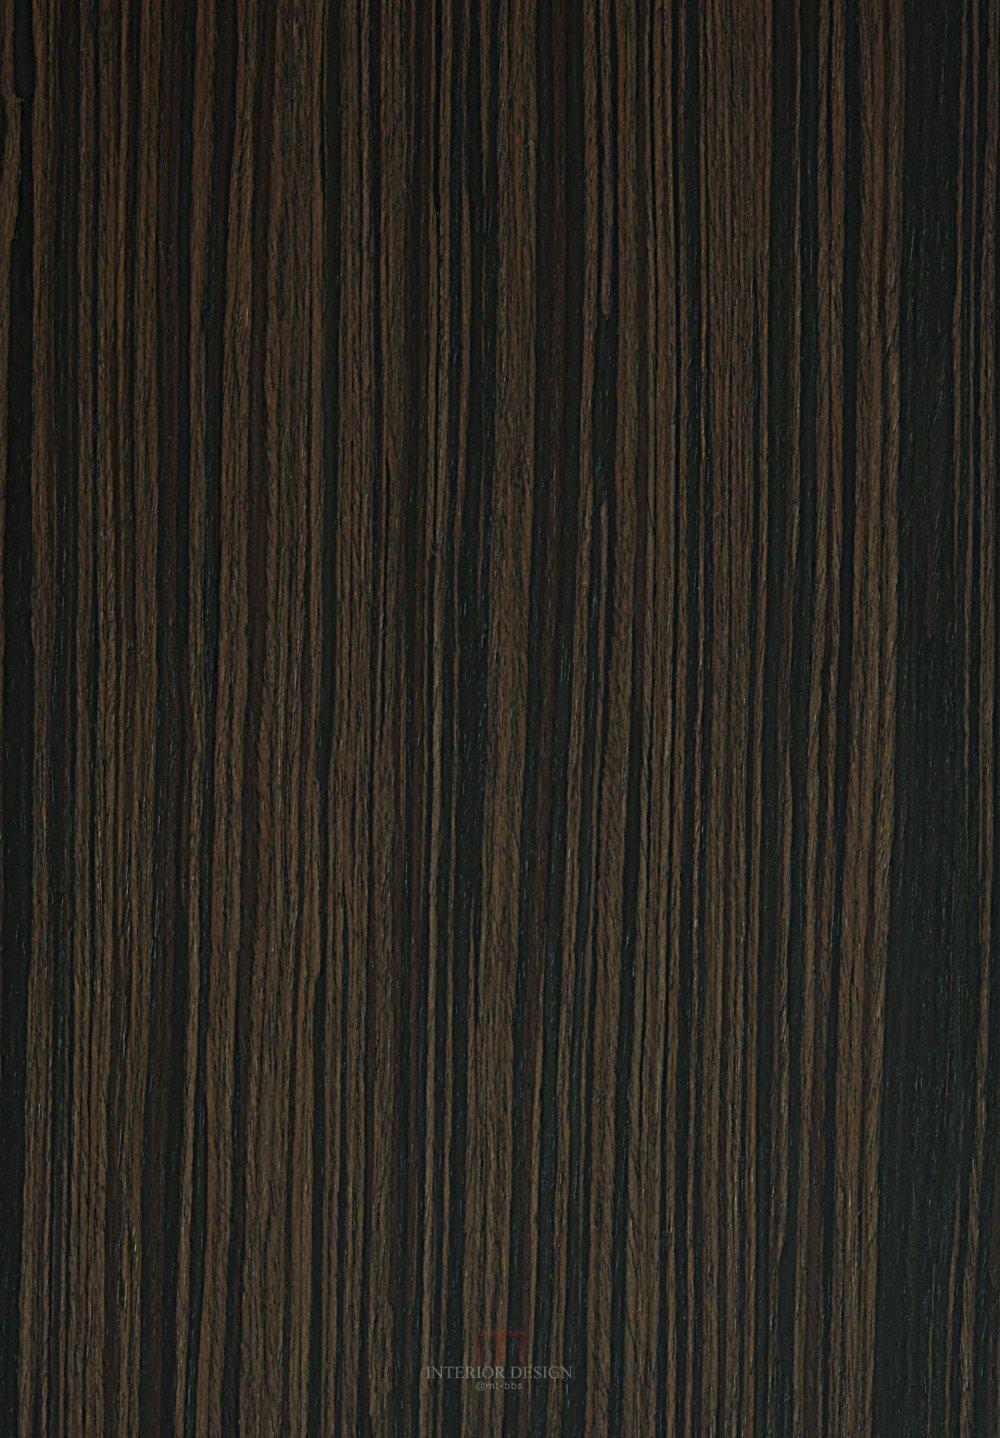 人造木纹_K6211_F0603.jpg